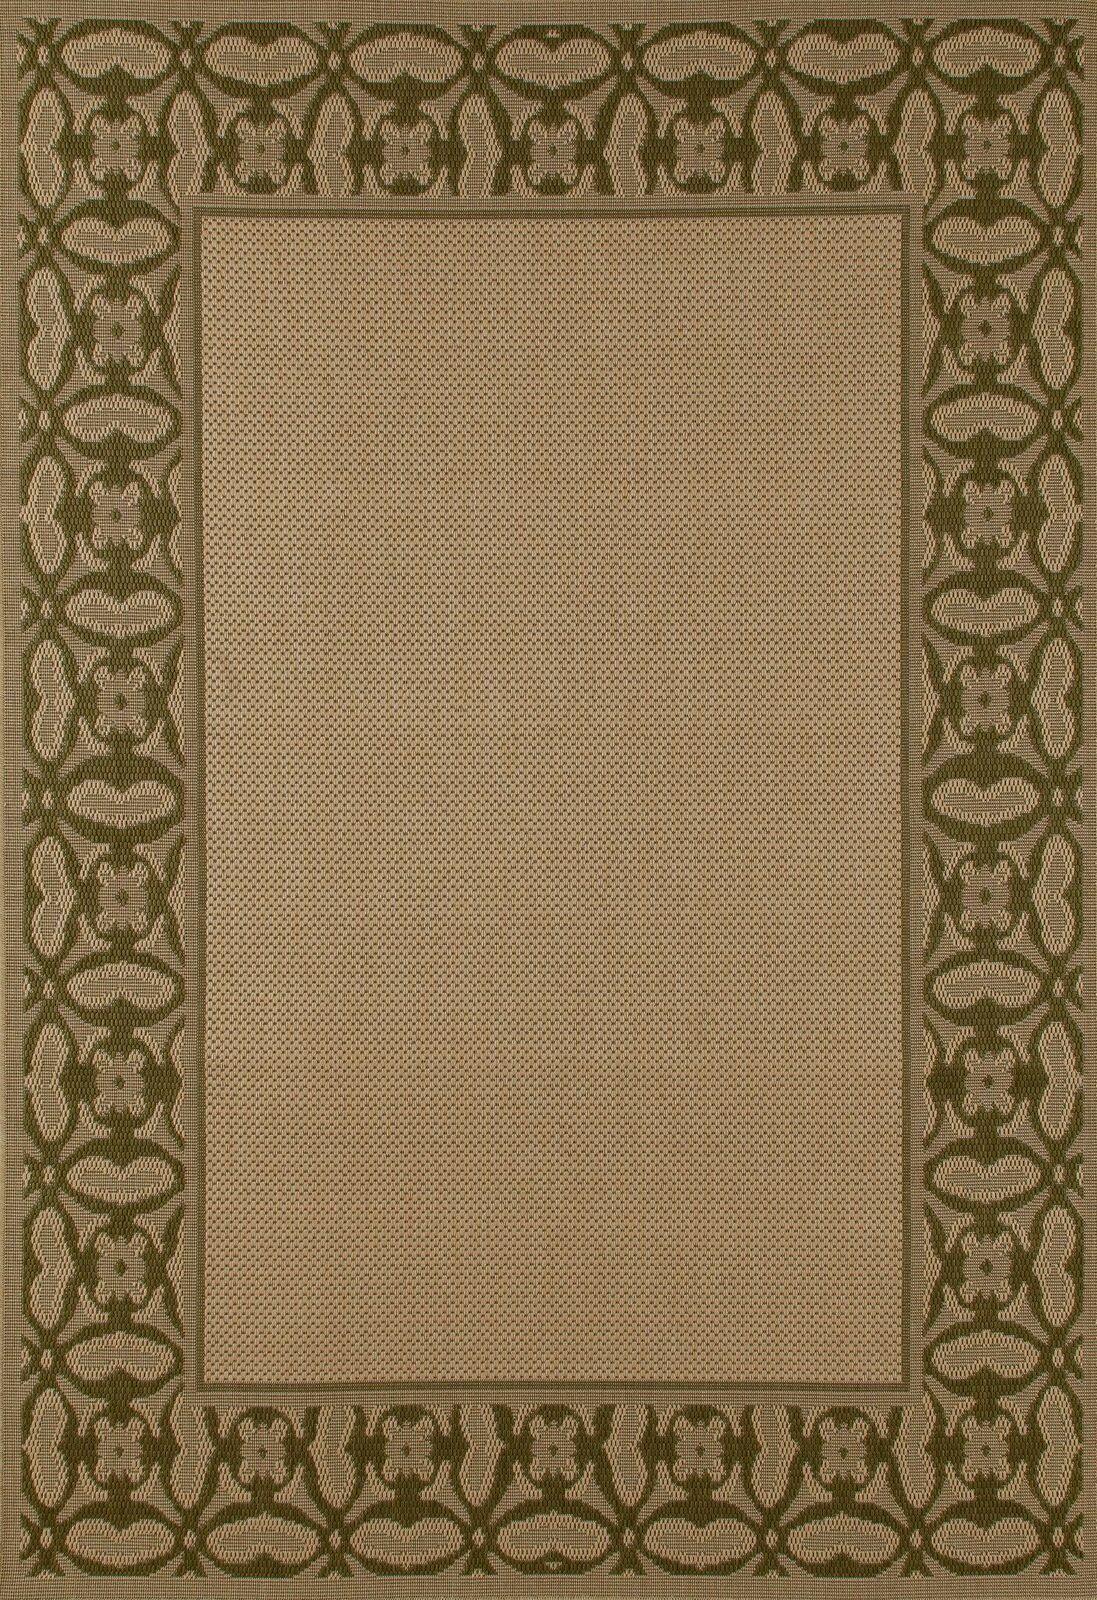 Beaminster Green/Beige Indoor/Outdoor Area Rug Rug Size: 6'7 x 9'2